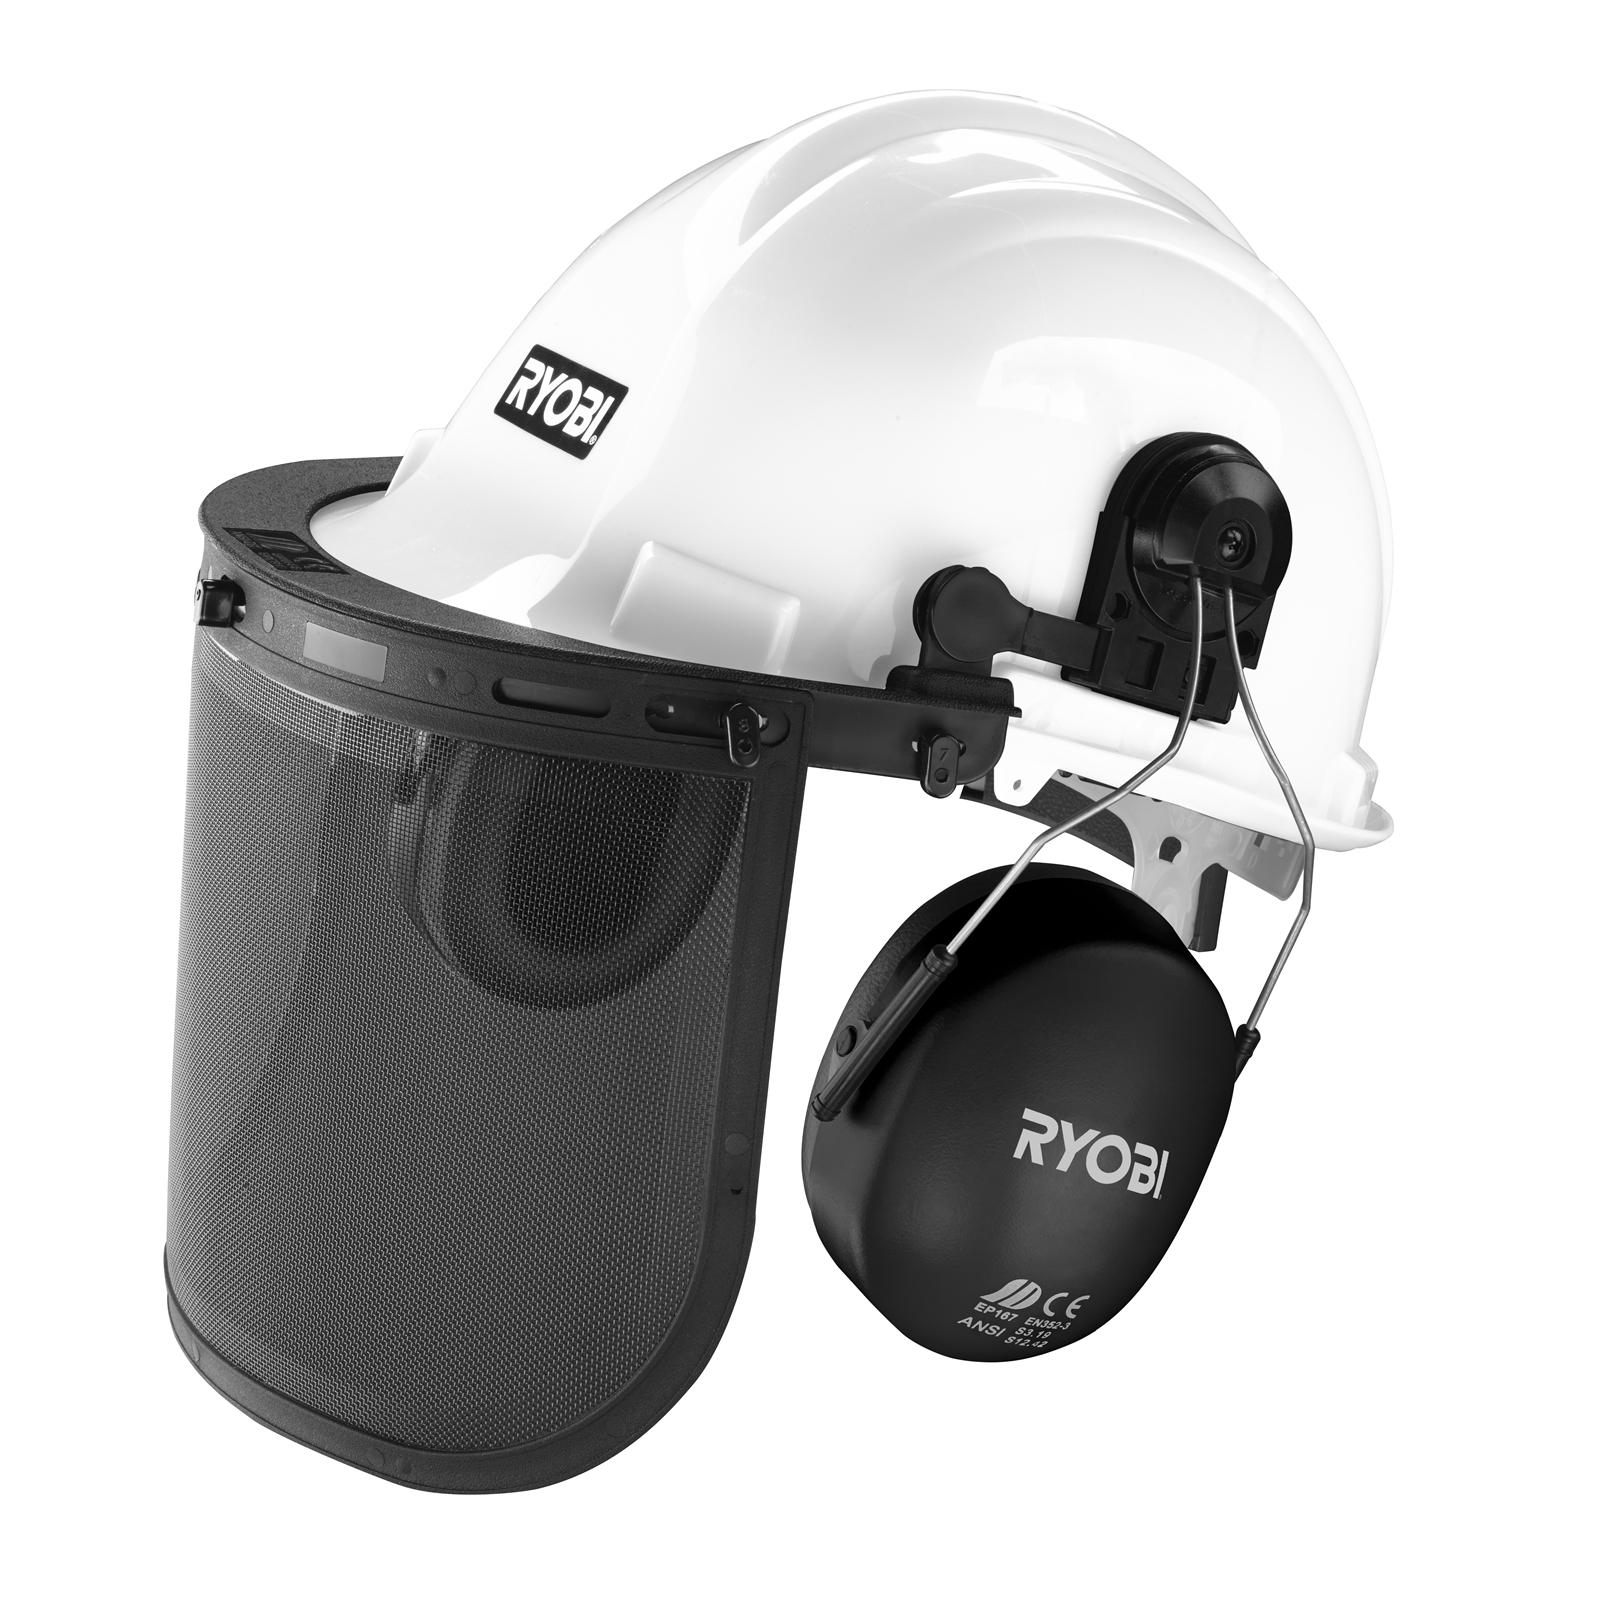 Ryobi Garden Helmet Kit